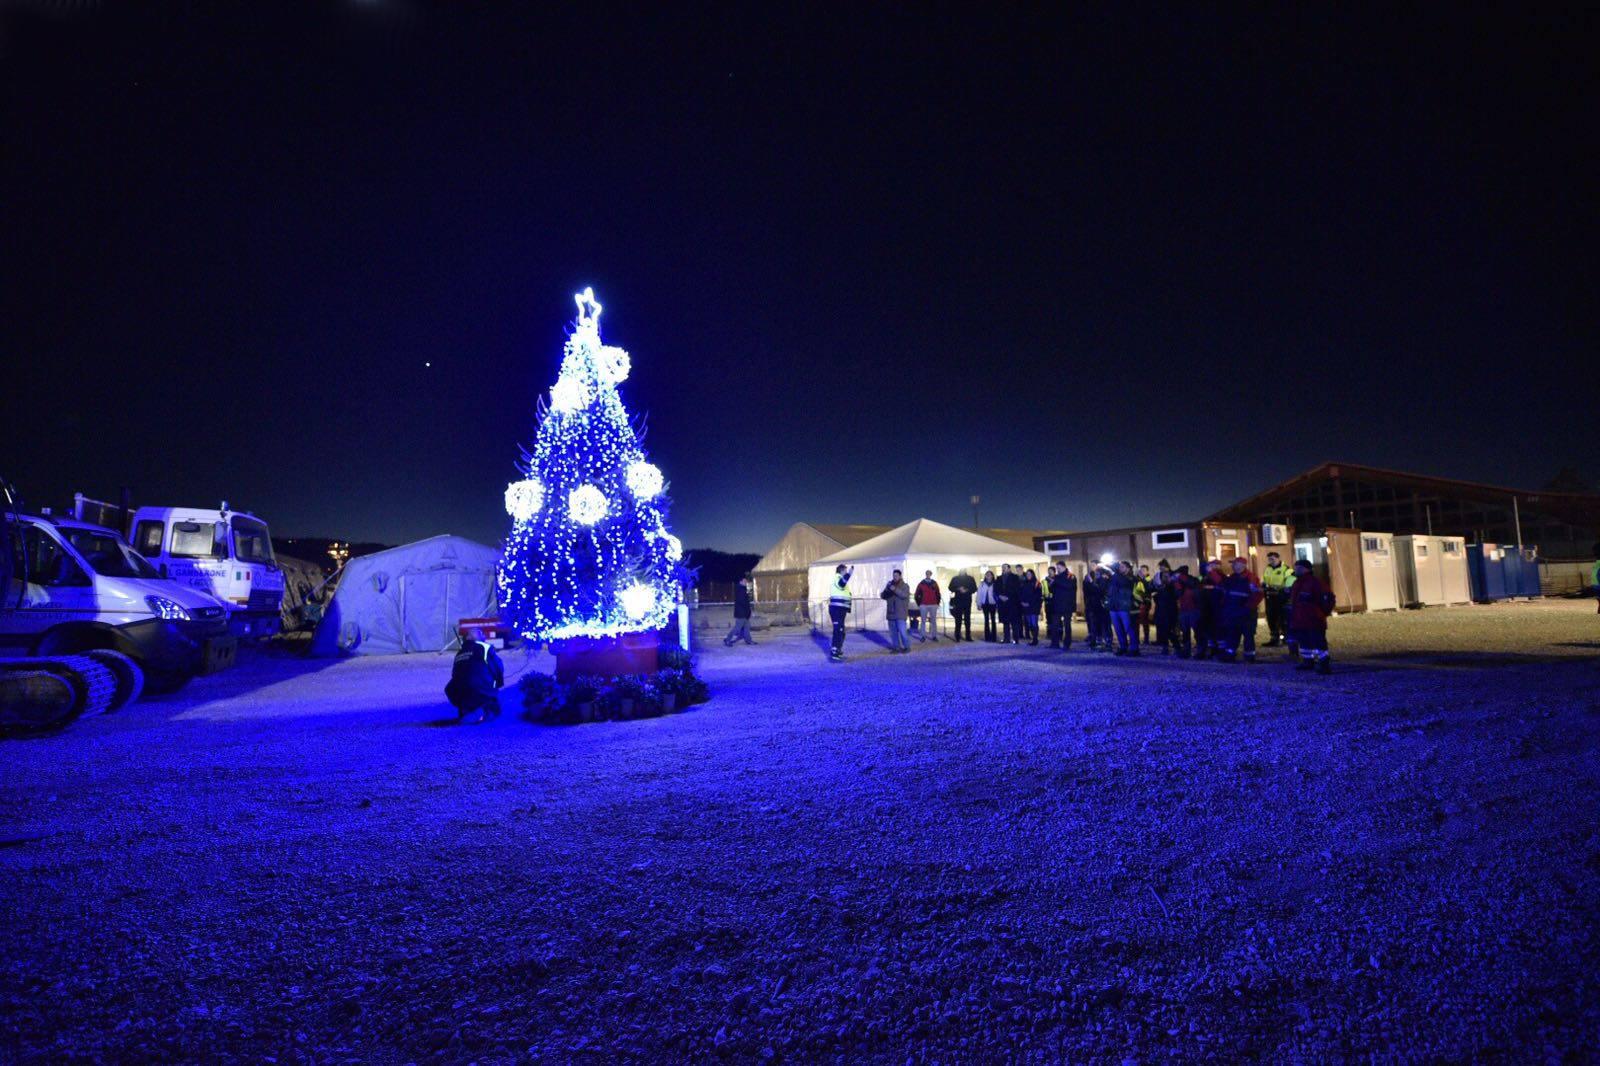 Sisma Centro Italia – Allestito l'albero di Natale ad Amatrice